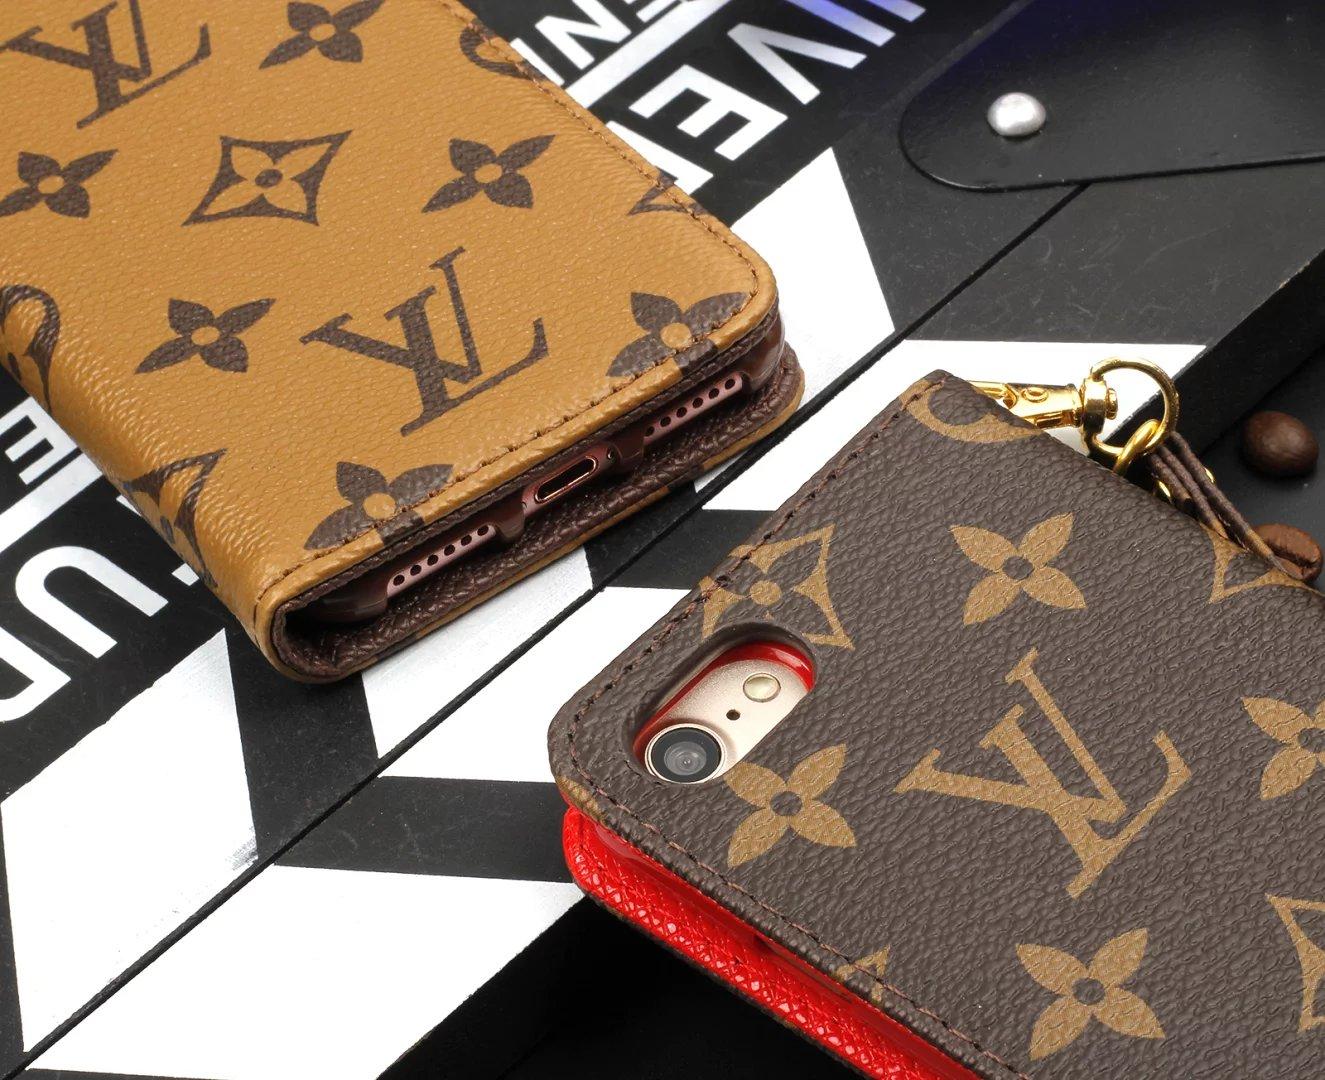 iphone case erstellen iphone hülle designen Louis Vuitton iphone6 hülle smartphone hülle mit foto iphone 6 geldbeutel design handy hüllen handy hüllen designen piphone 6 dein design handyhülle